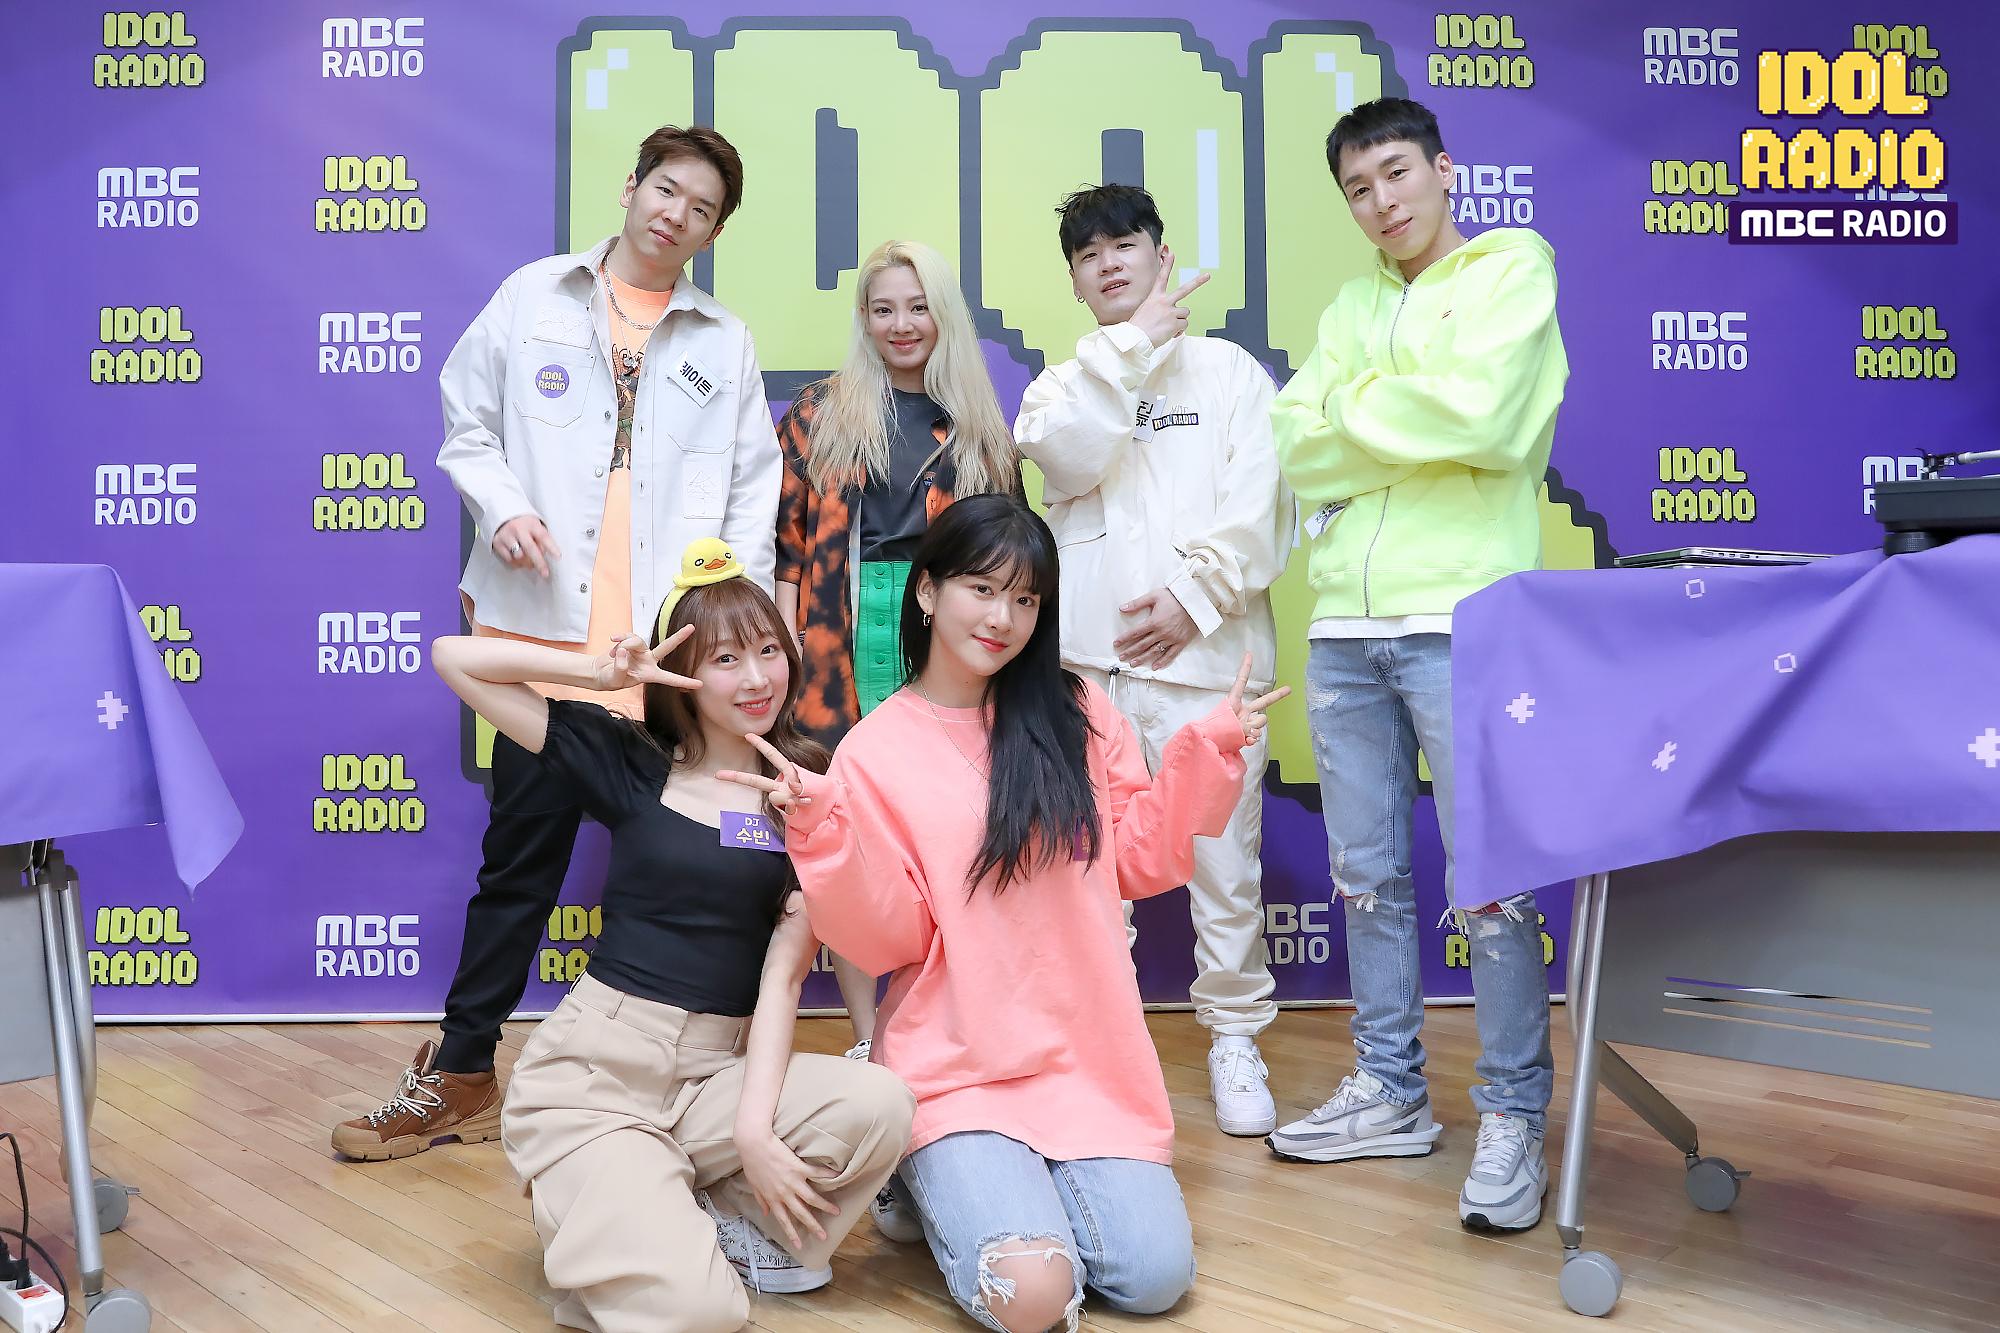 '아이돌 라디오' DJ펌킨→소녀시대 효연, 페스티벌 방불케하는 상암 디제잉 파티!